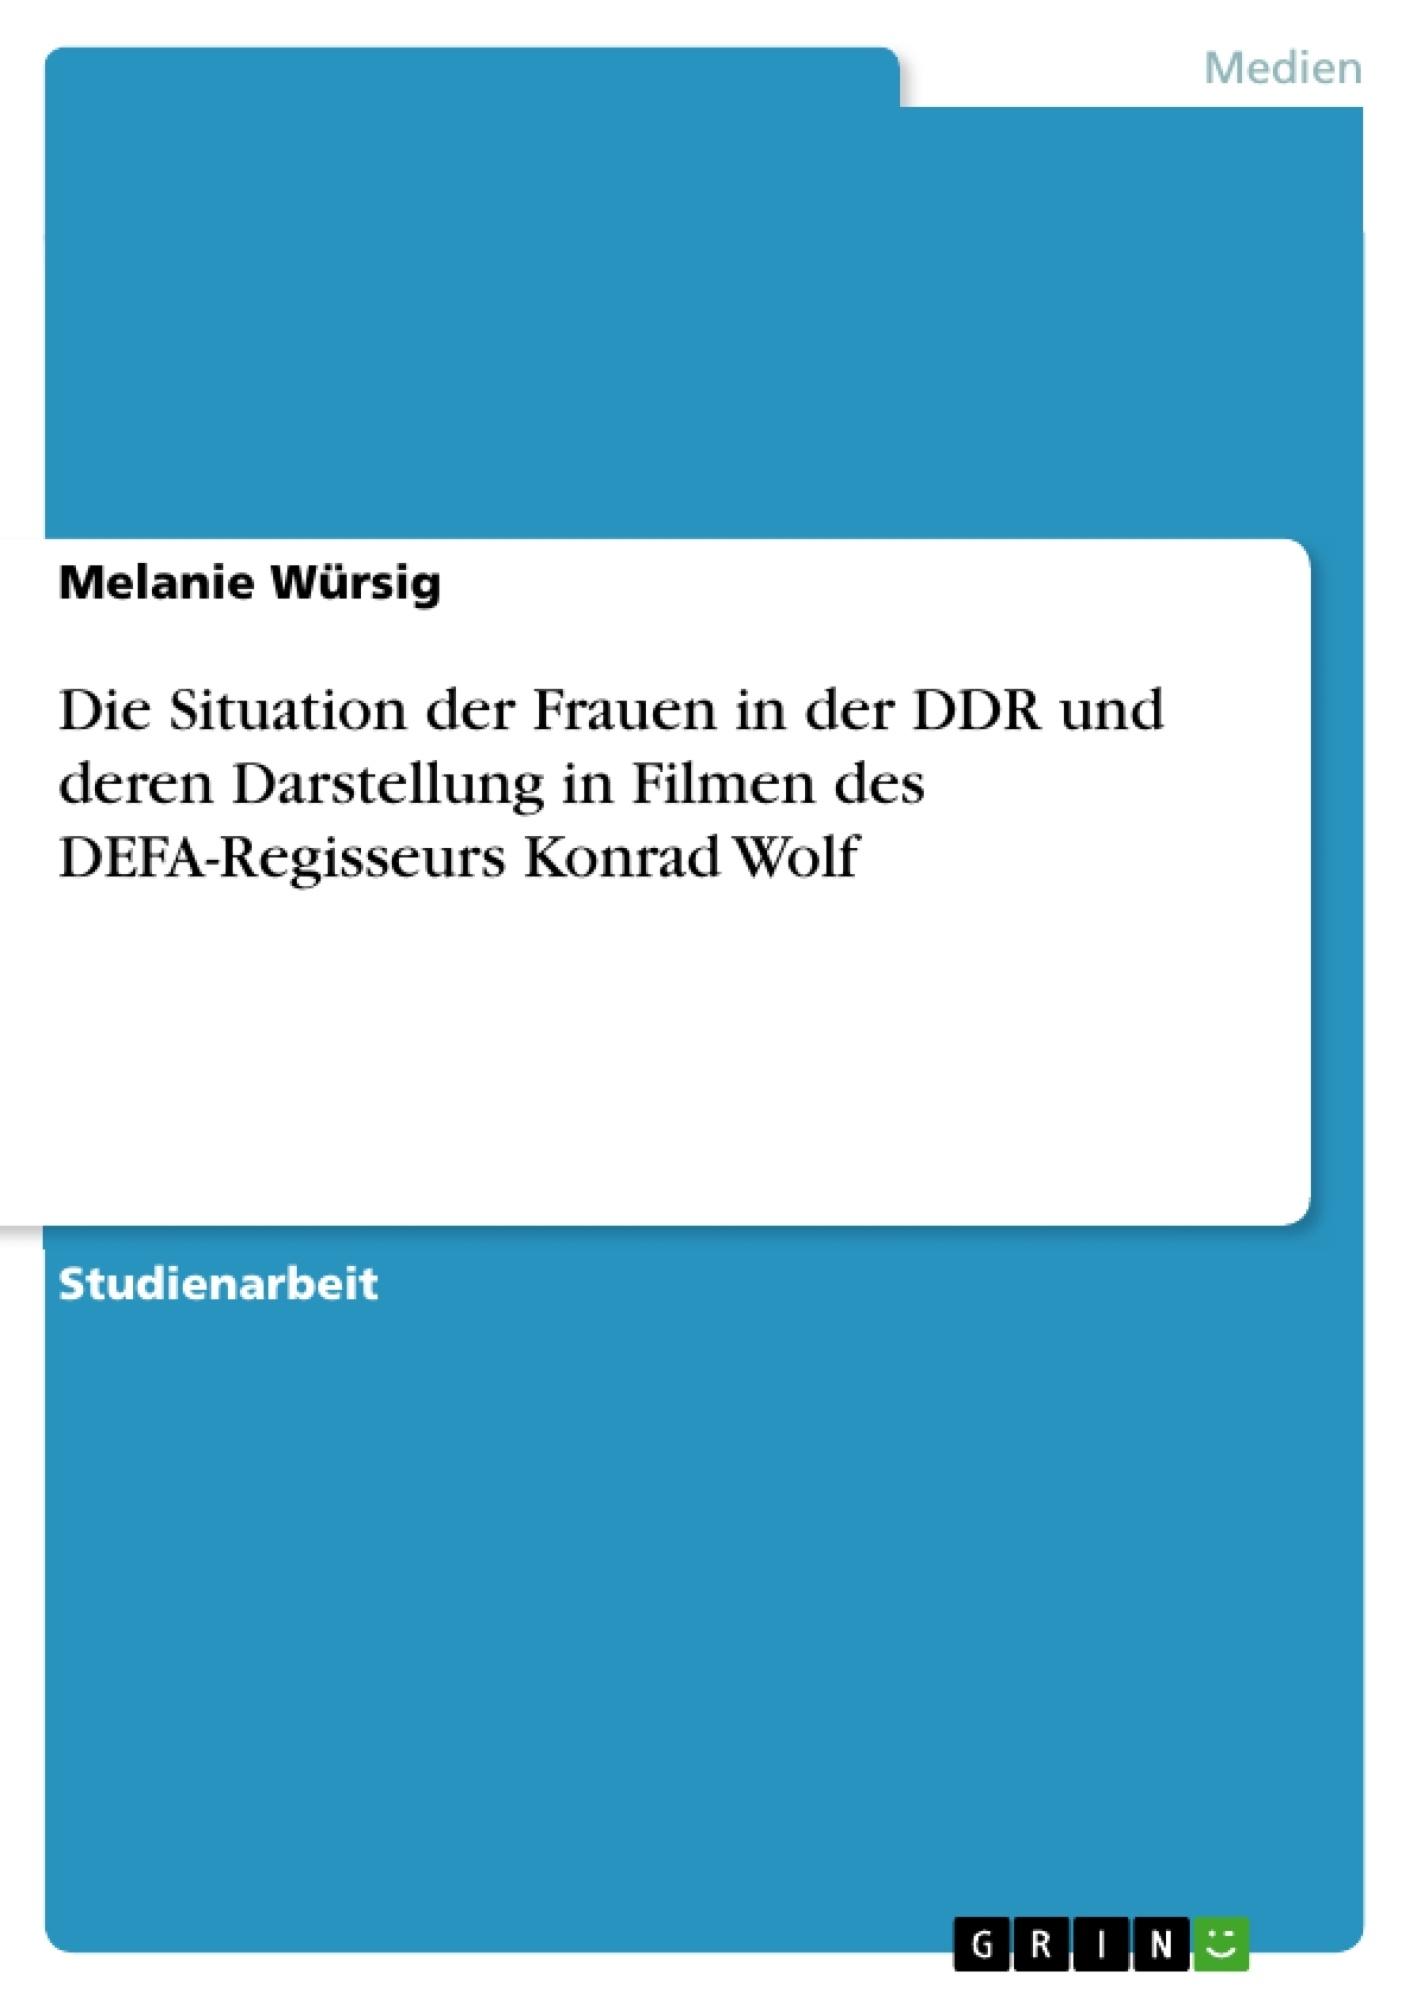 Titel: Die Situation der Frauen in der DDR und deren Darstellung in Filmen des DEFA-Regisseurs Konrad Wolf